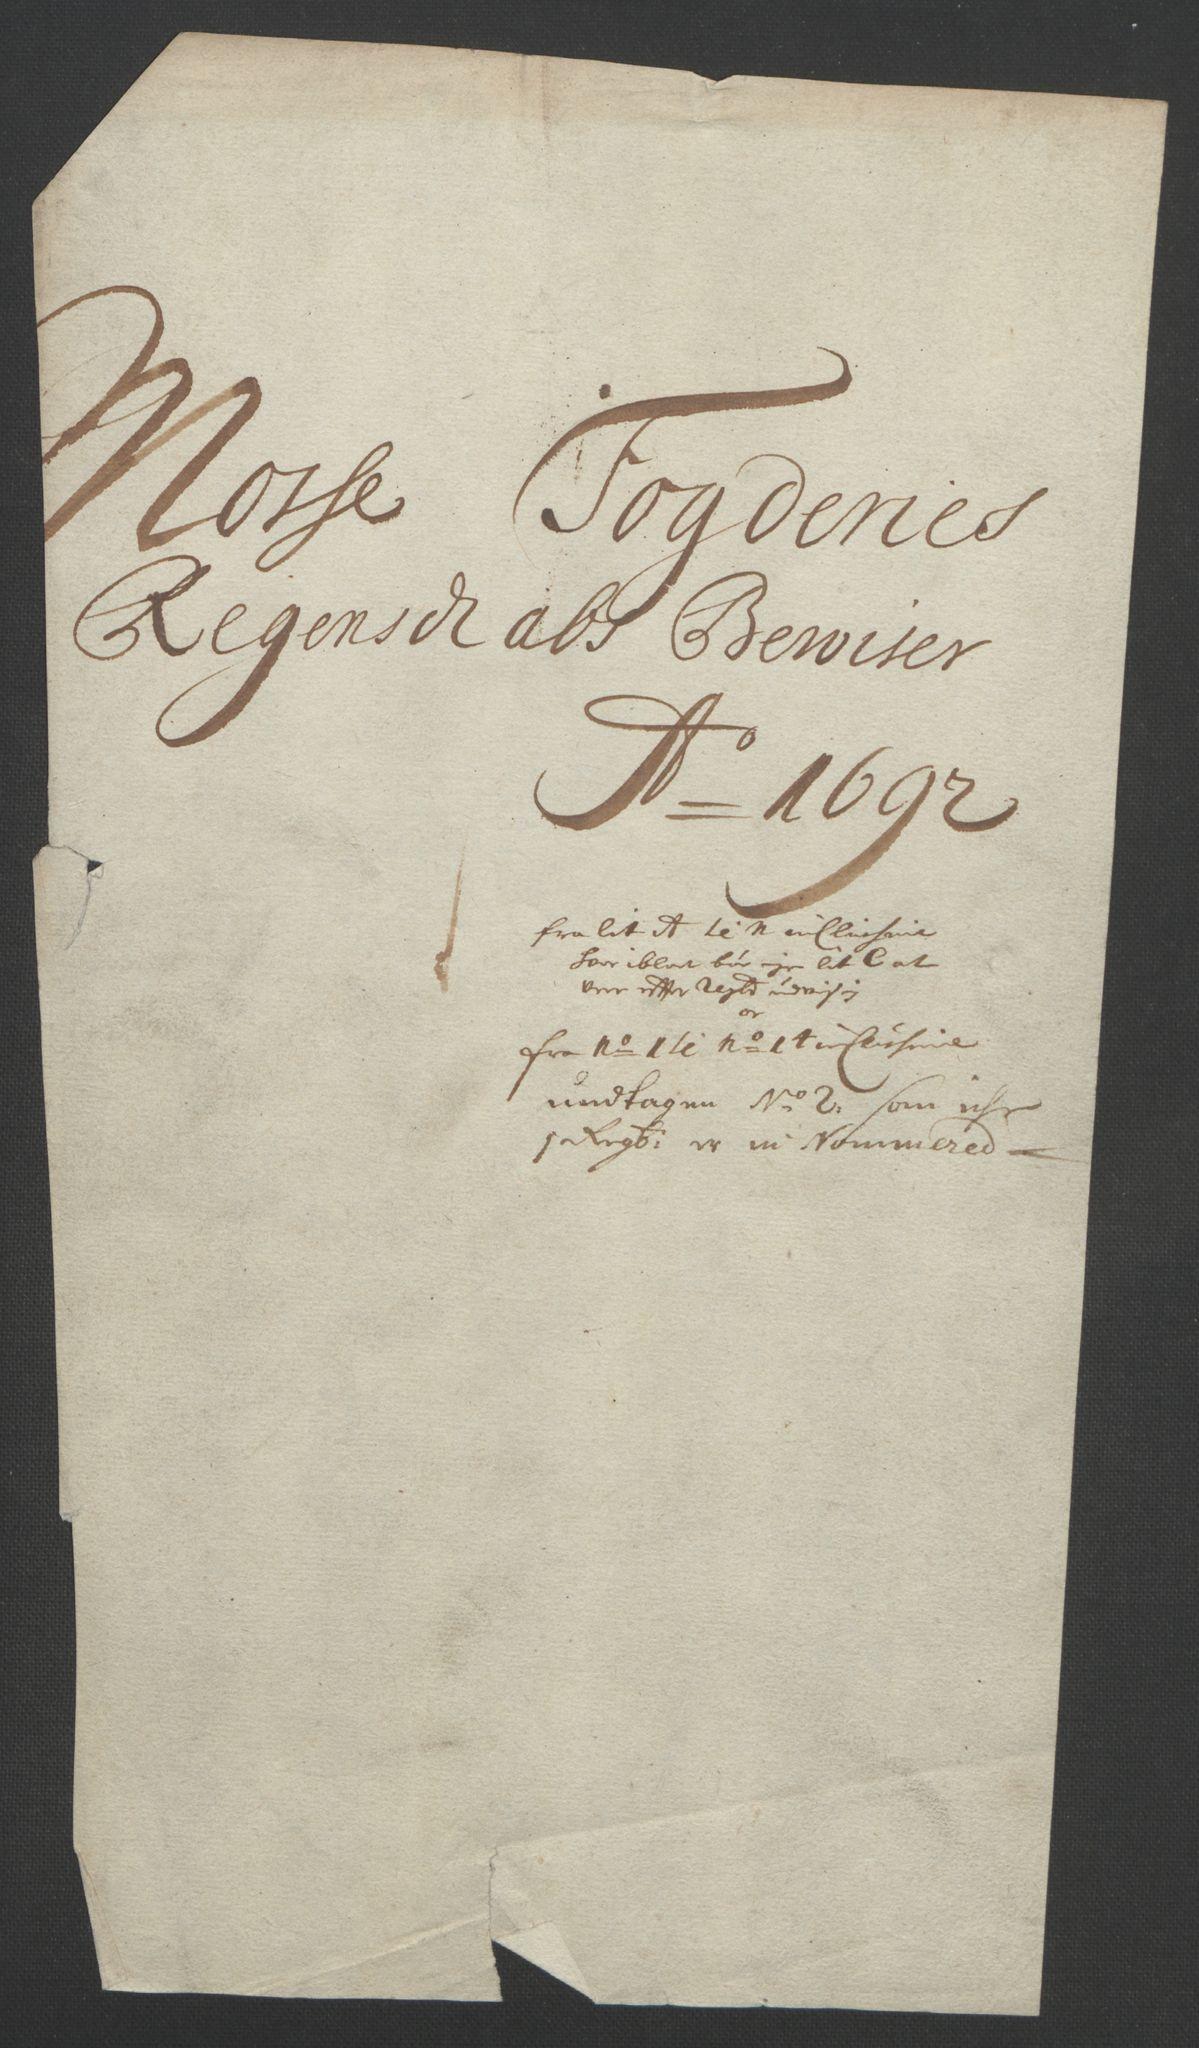 RA, Rentekammeret inntil 1814, Reviderte regnskaper, Fogderegnskap, R02/L0108: Fogderegnskap Moss og Verne kloster, 1692-1693, s. 163